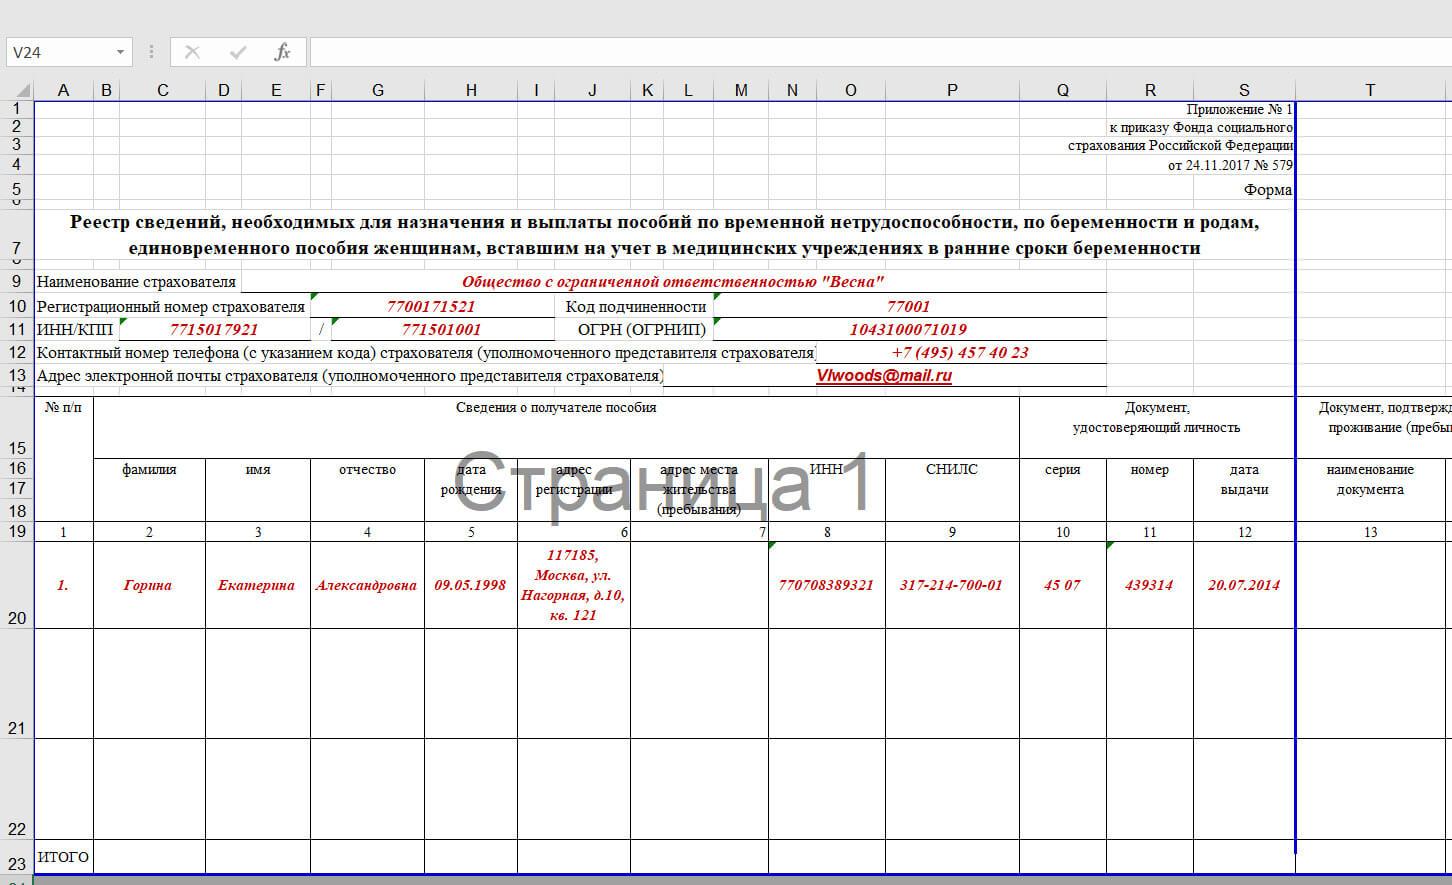 Образец Реестр сведений, необходимых для назначения и выплаты